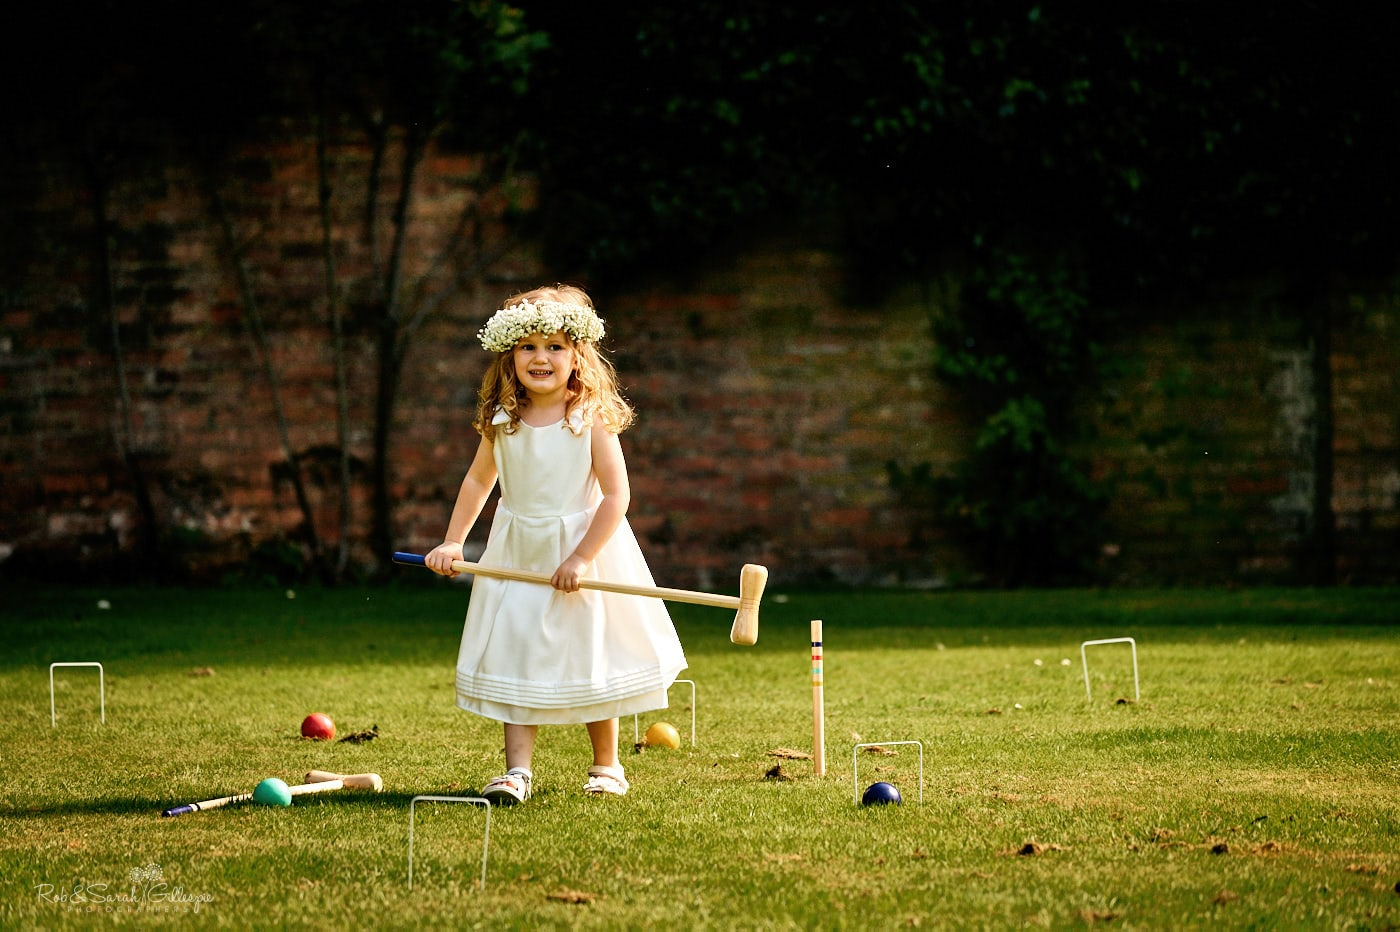 Flowergirl plays croquet during wedding reception